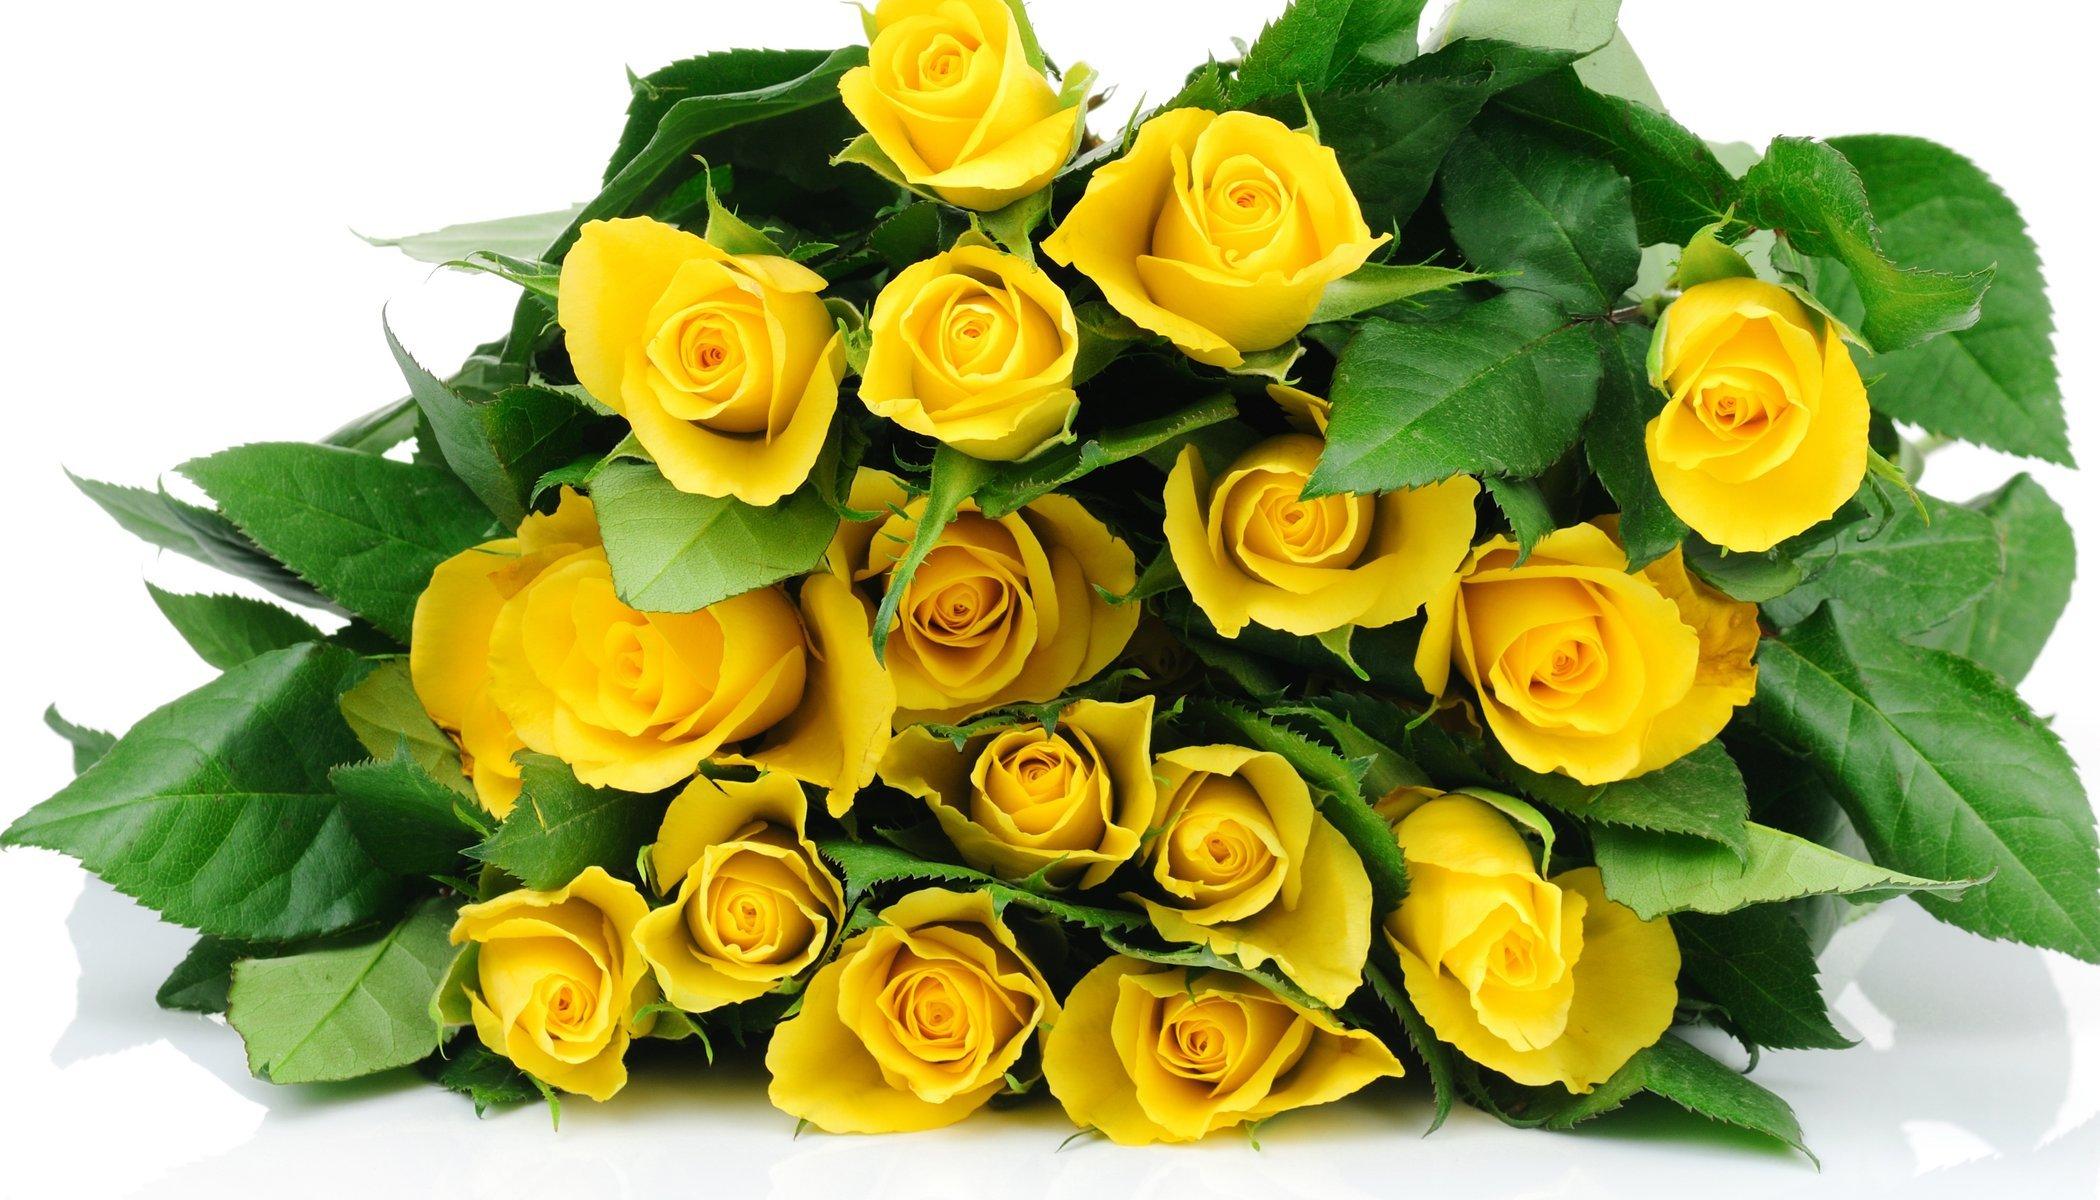 Что означают желтые цветы в подарок 11